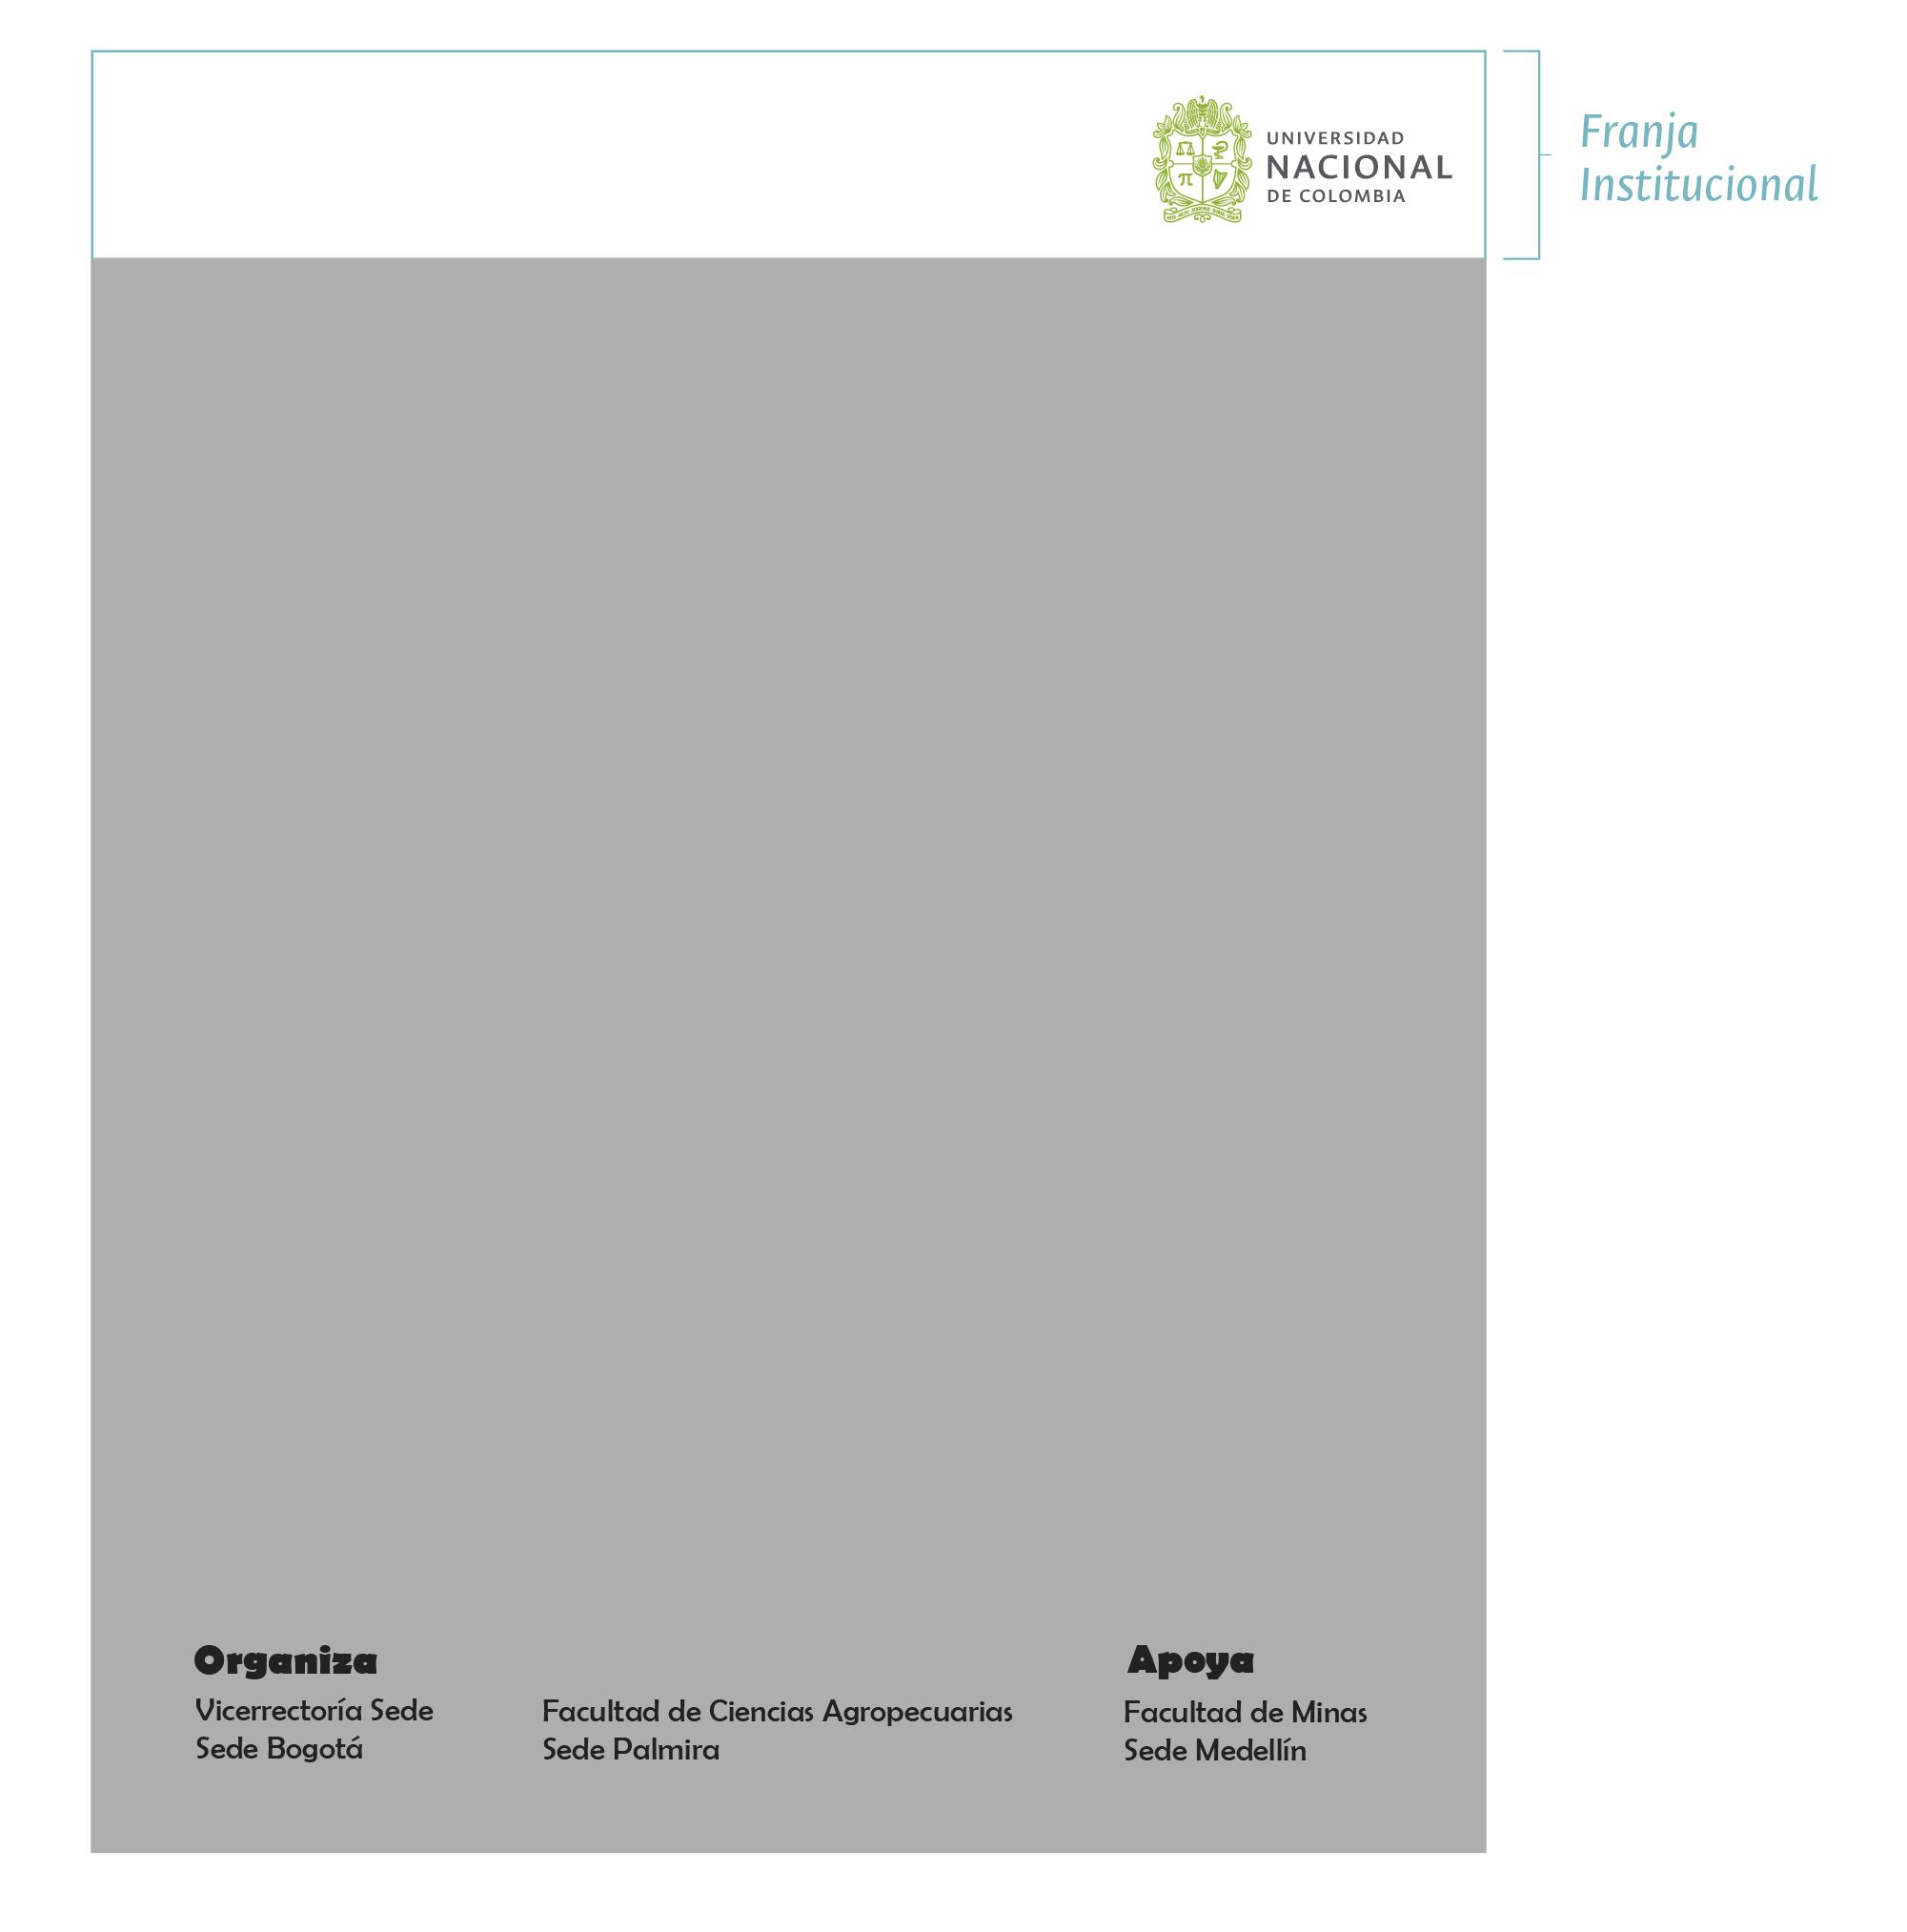 Ejemplo 3  Manejo de créditos dentro del área editable y franja institucional superior